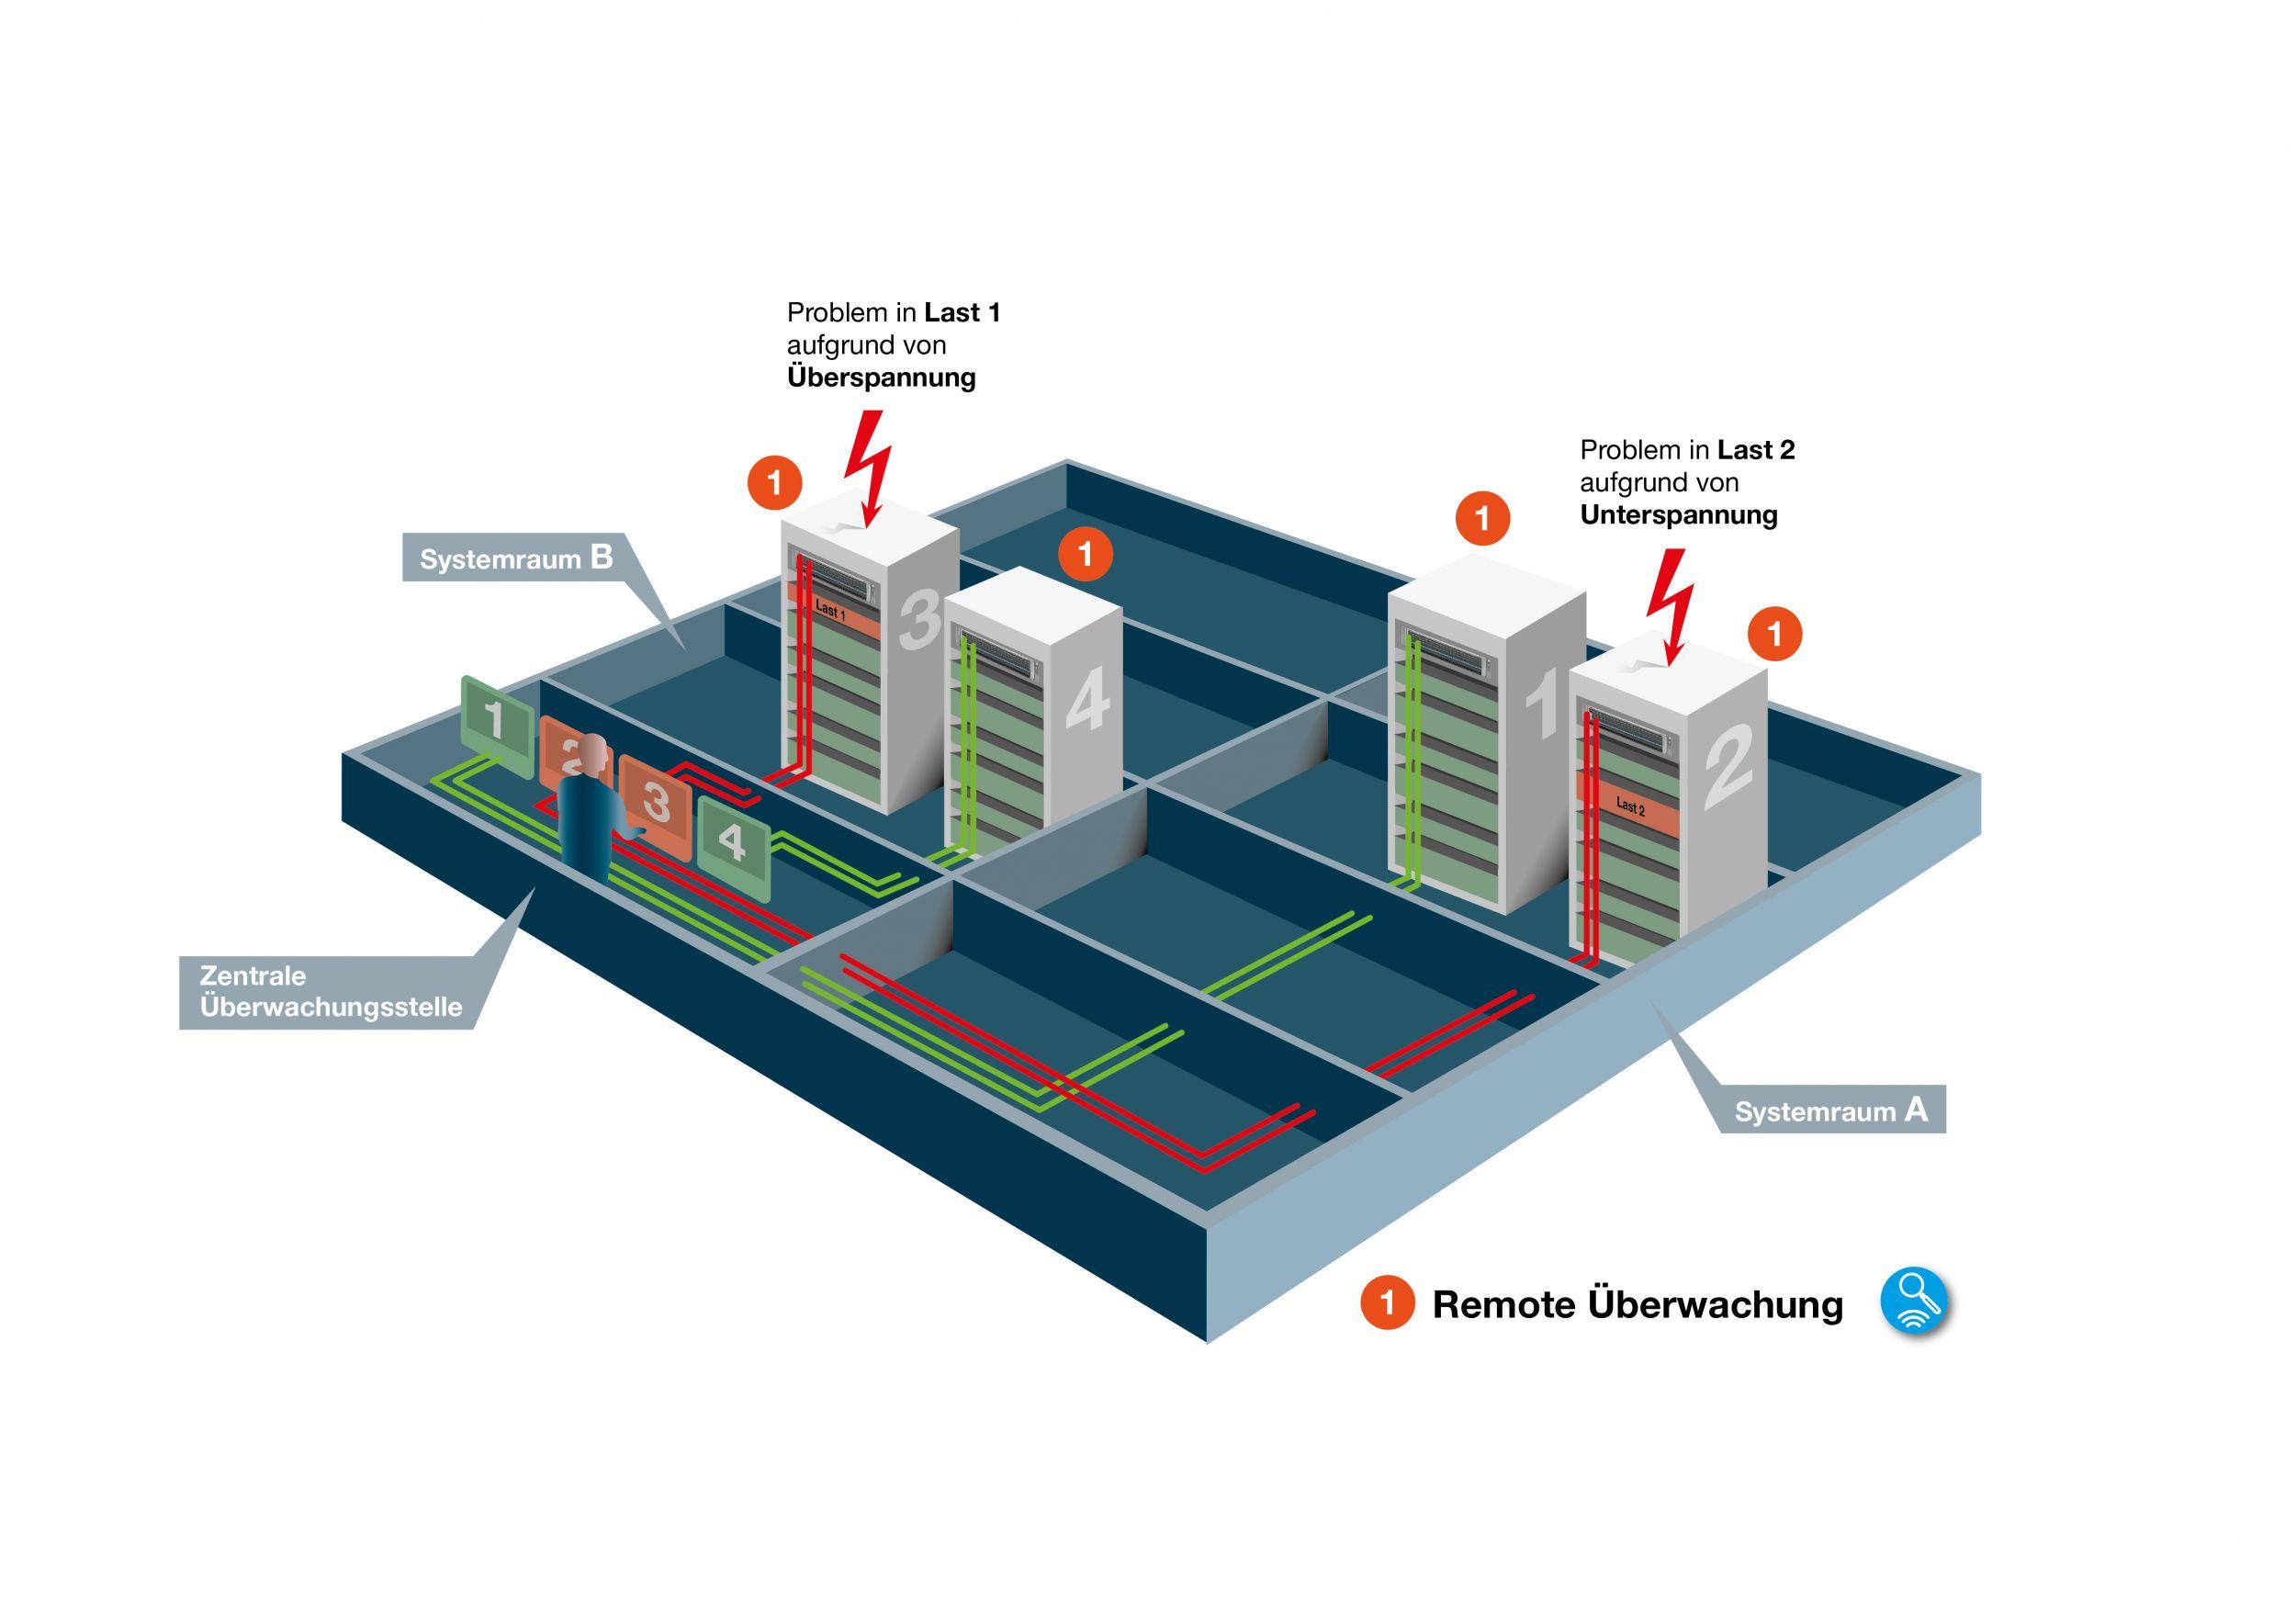 Sammelsignalisierung konventioneller Stromverteilungssysteme in der Kommunikationstechnik (Bild: E-T-A Elektrotechnische Apparate GmbH)